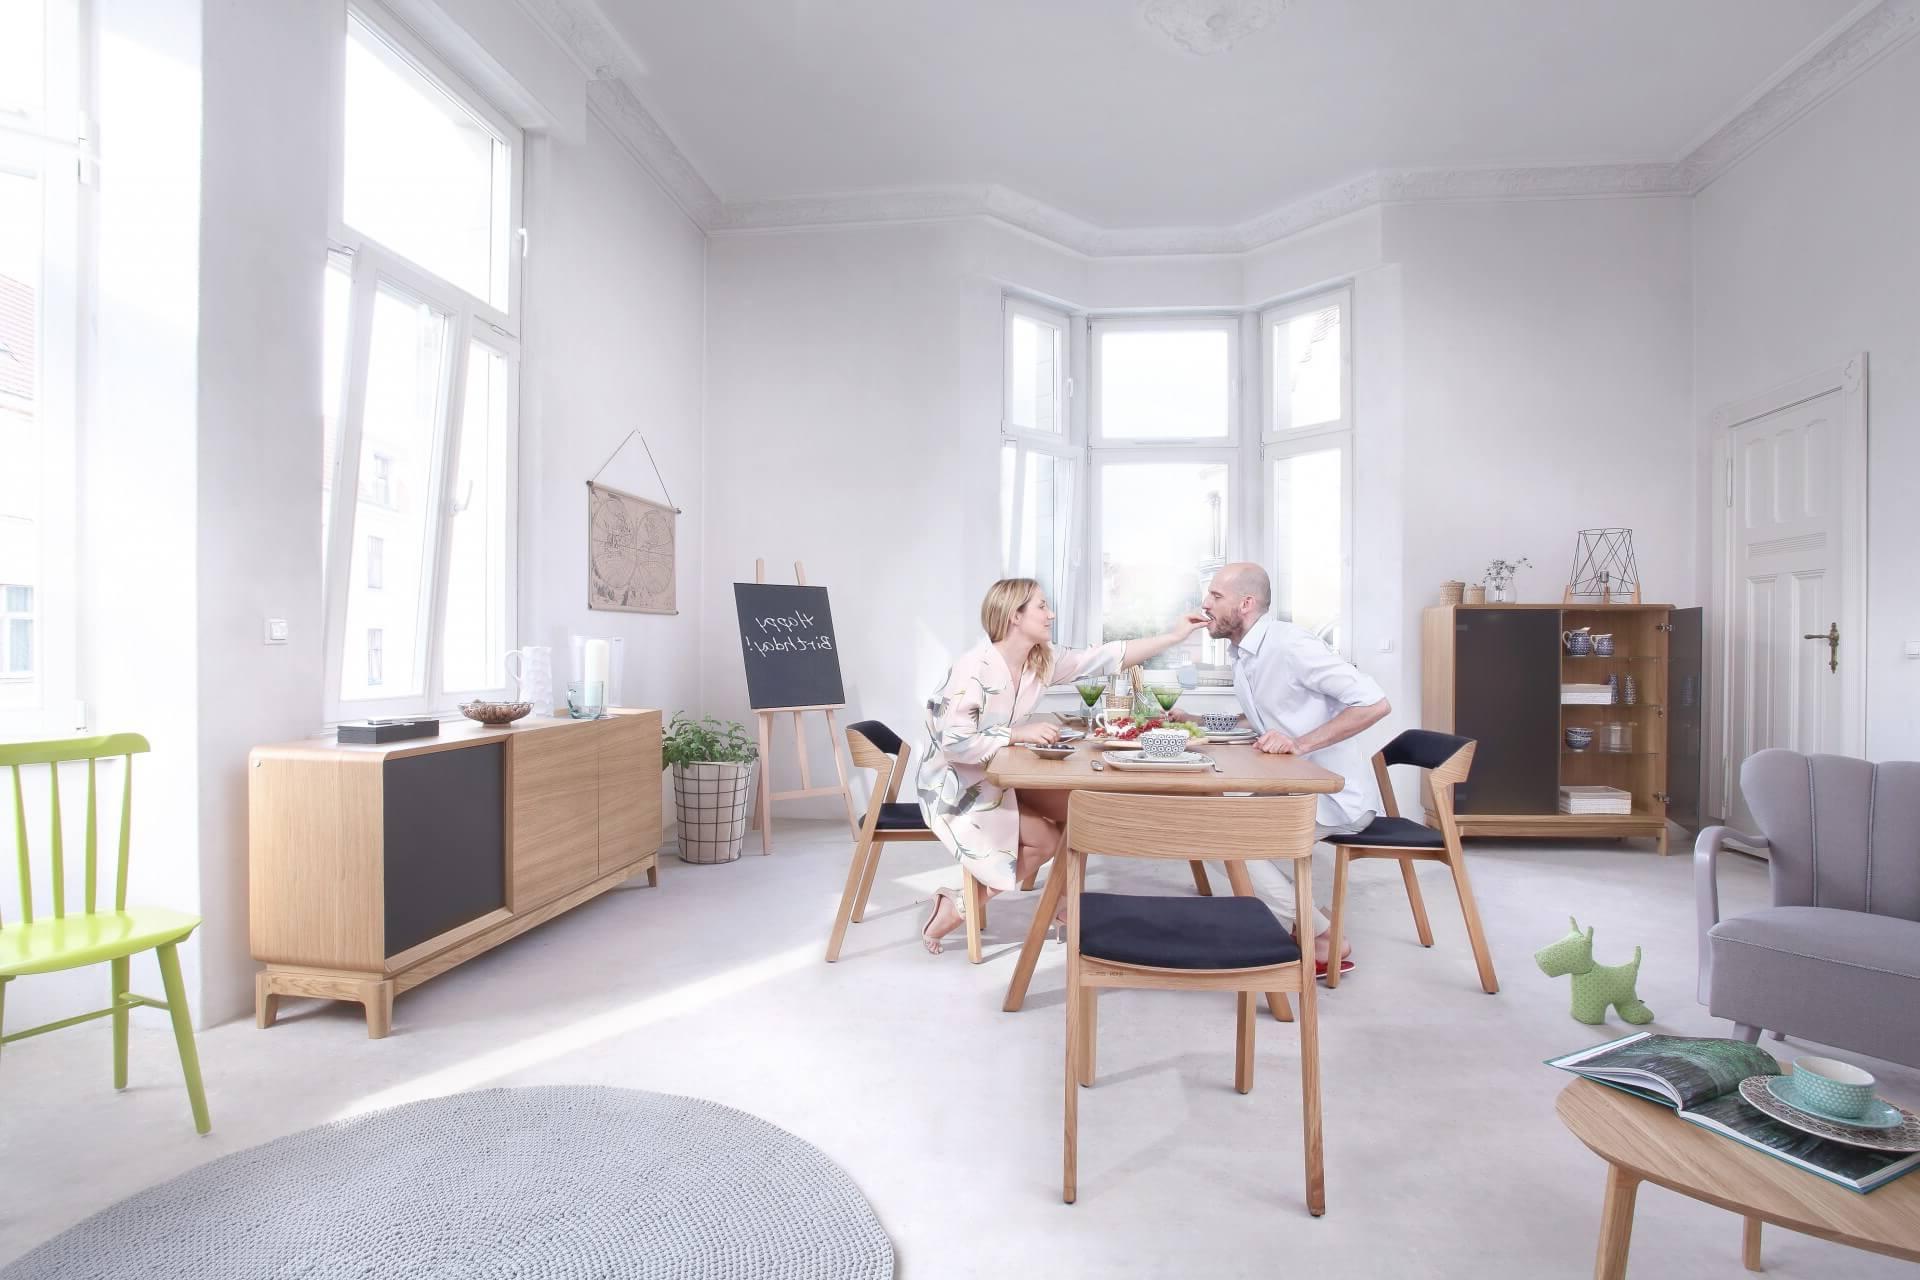 Muebles nordicos Modernos D0dg Muebles nordicos Modernos Hasta Fascinador Muebles Para Tv Dico En